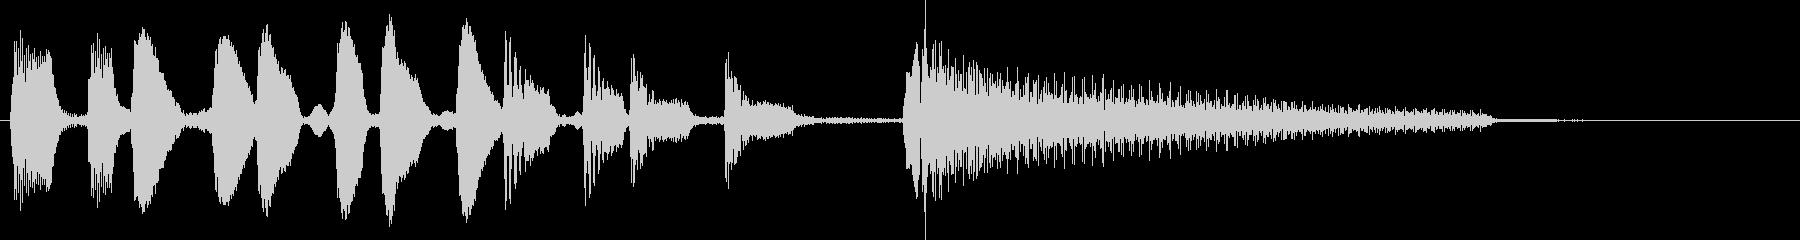 転換やオチにコミカルなジングル、ベースの未再生の波形